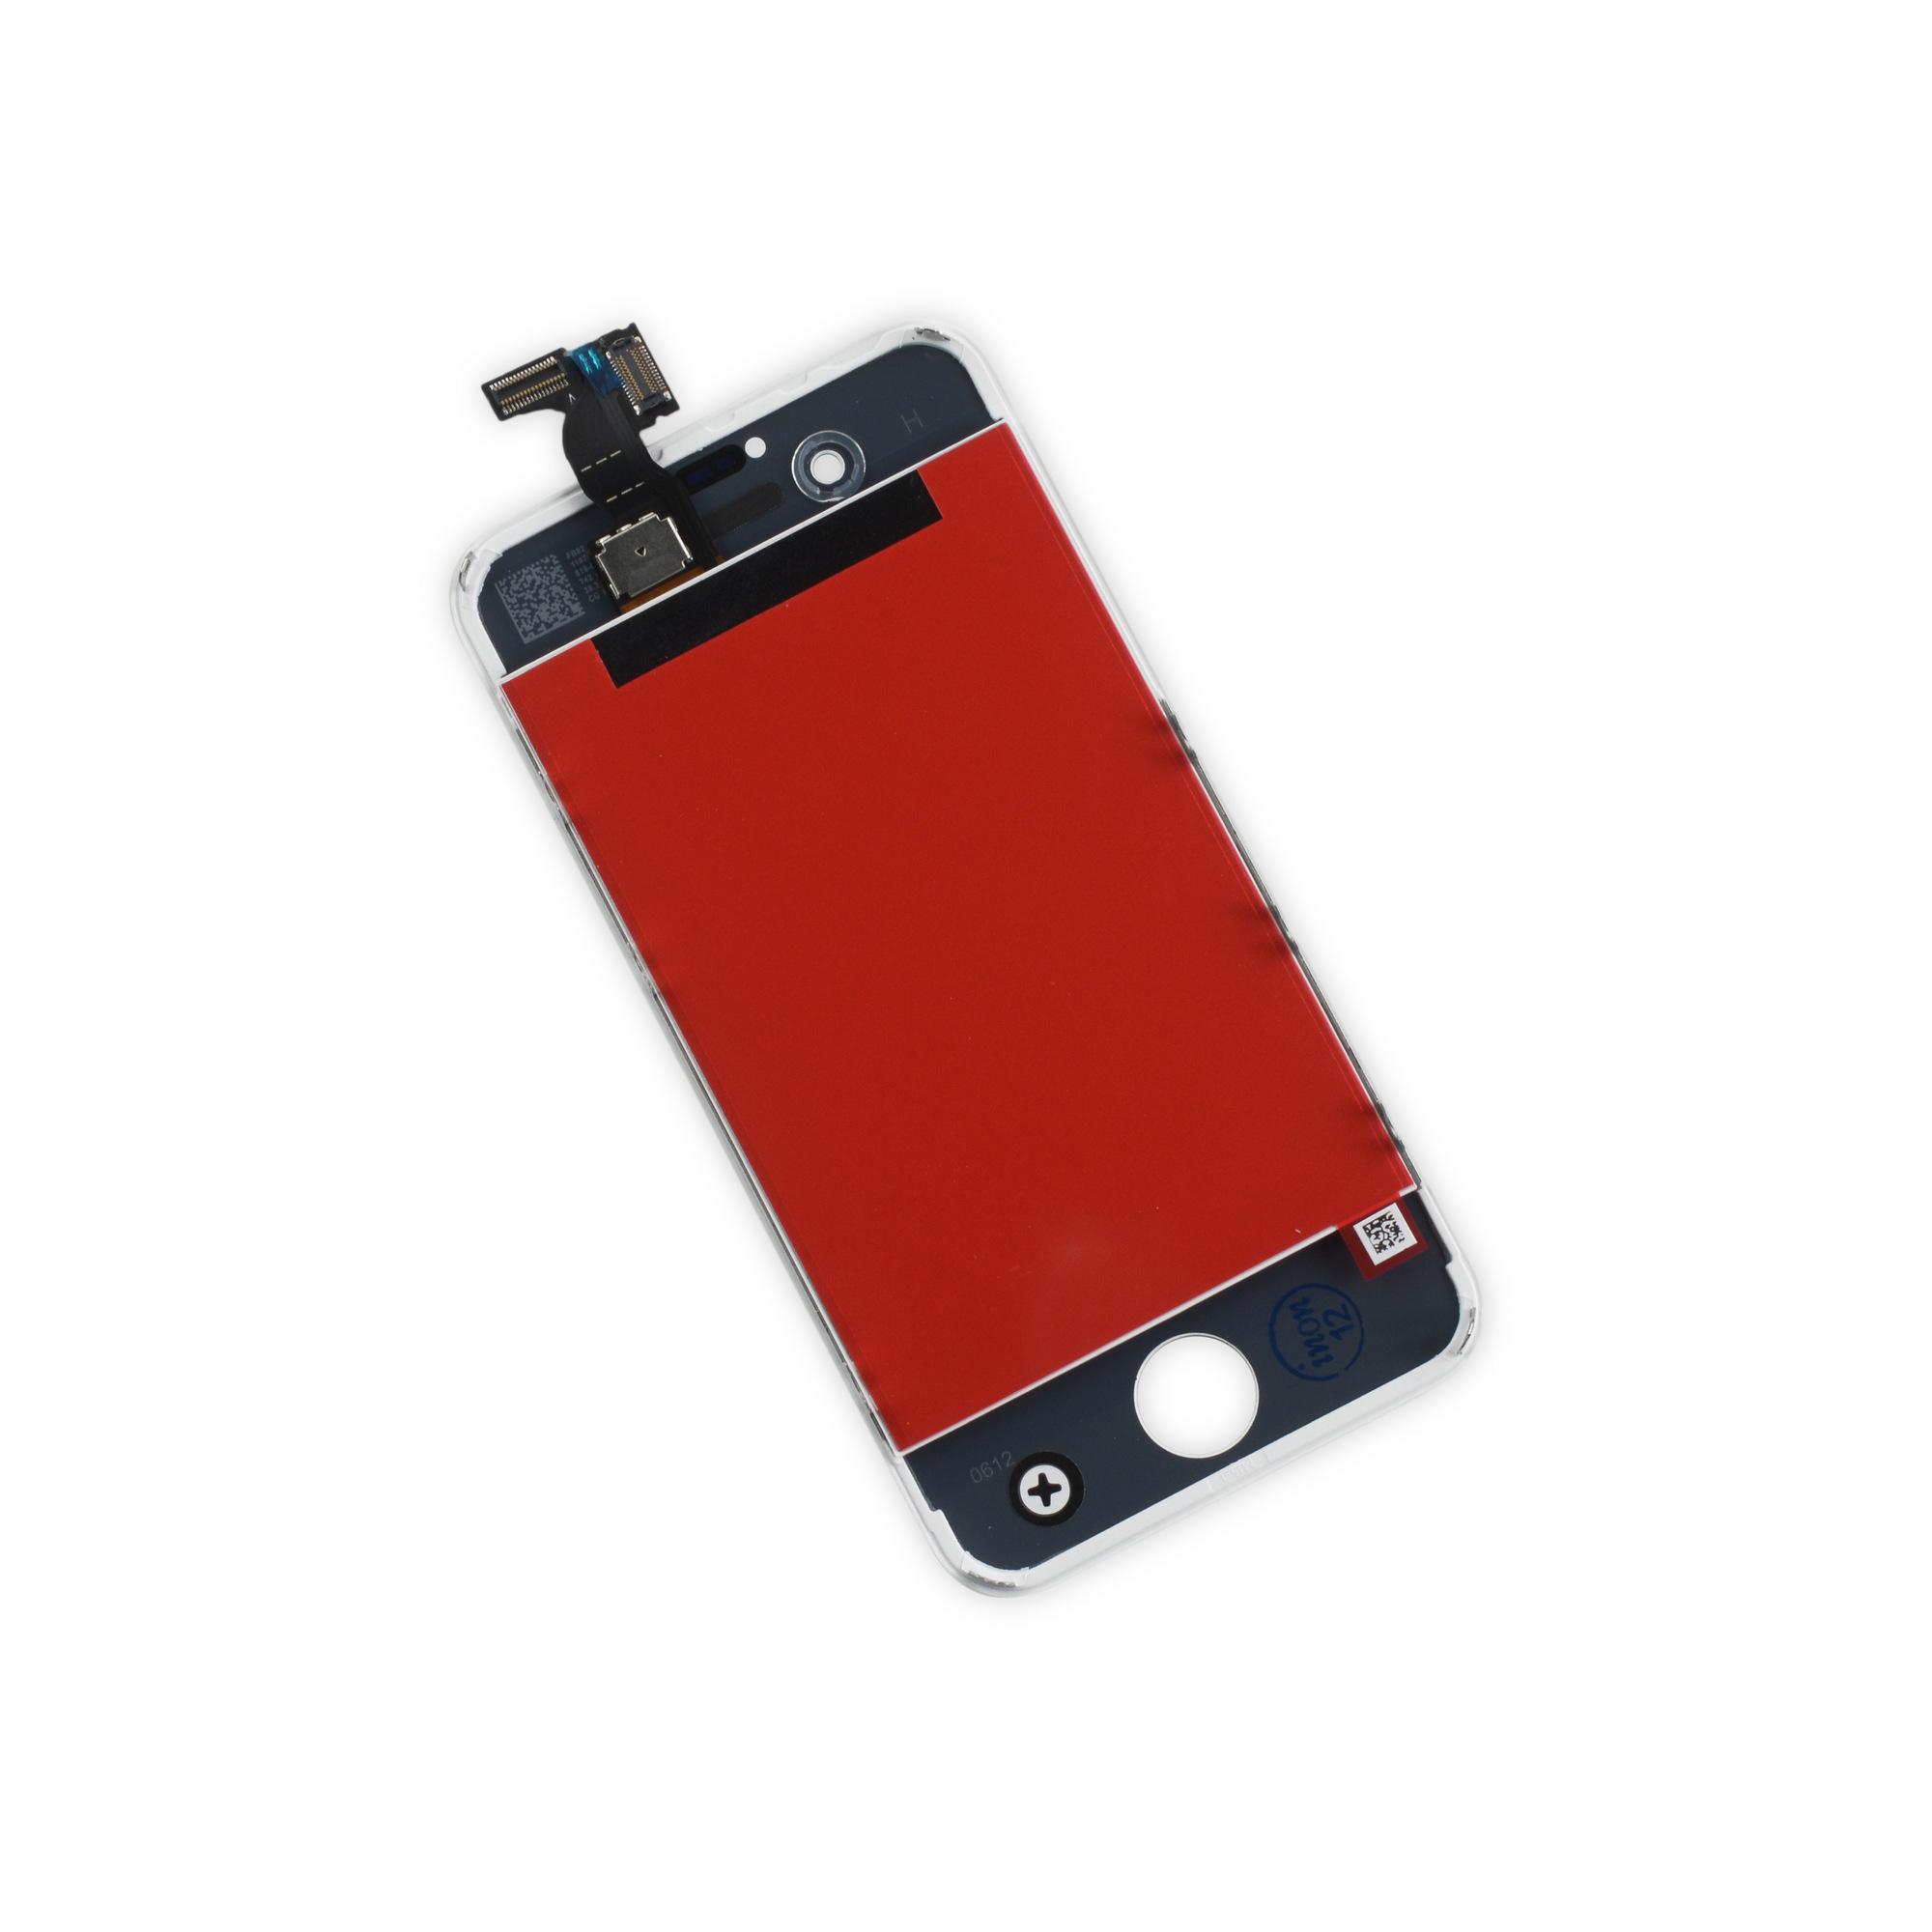 ecran iphone 4 pas cher sur vitrecran livraison gratuite. Black Bedroom Furniture Sets. Home Design Ideas